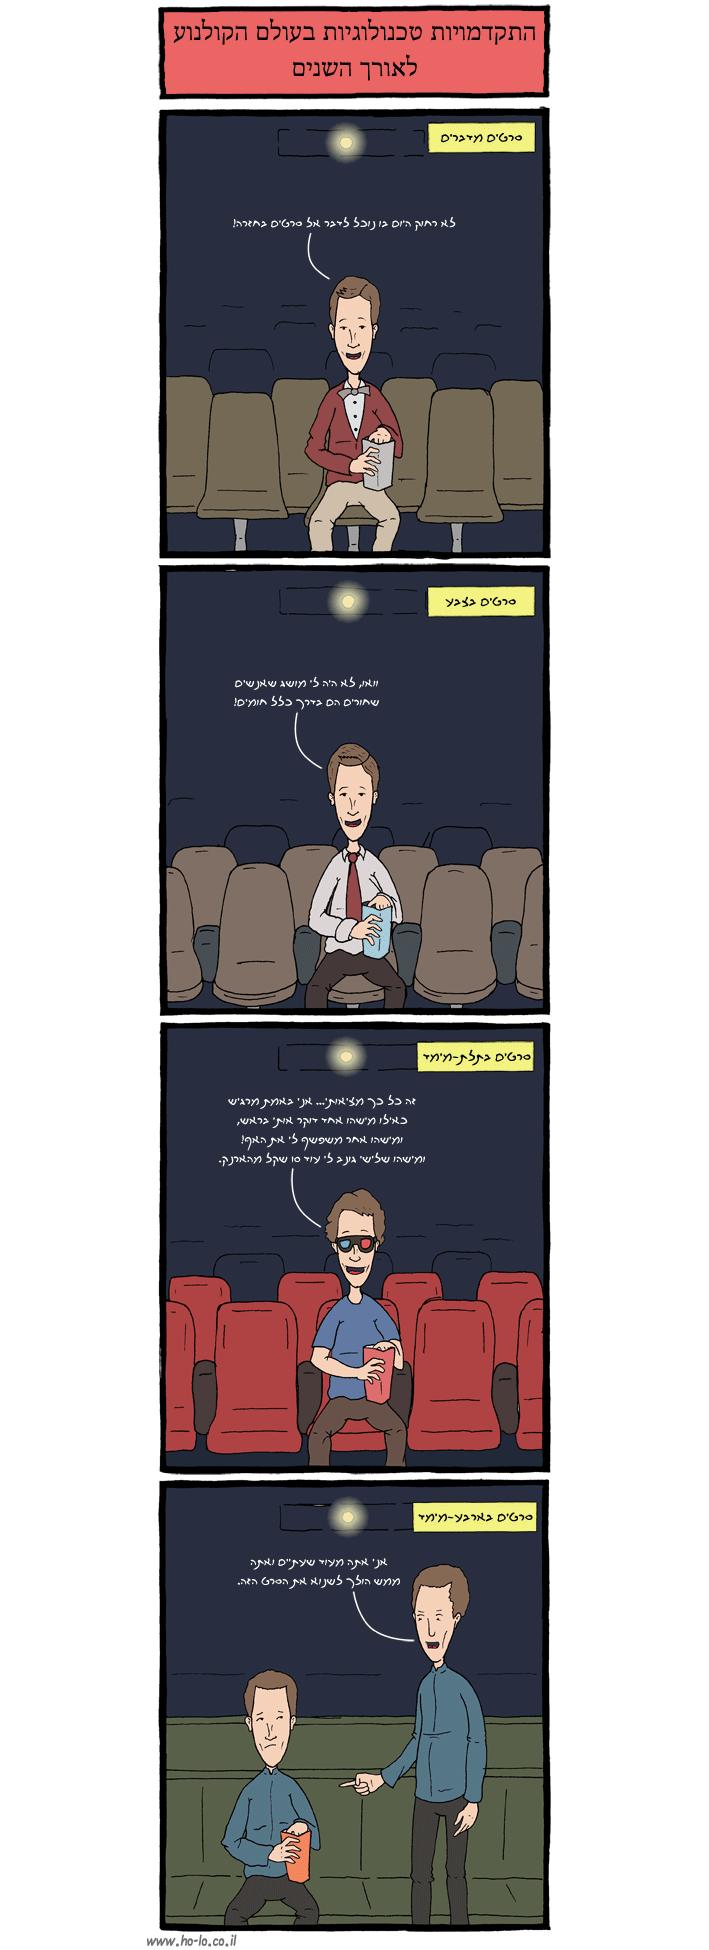 תולדות הקולנוע